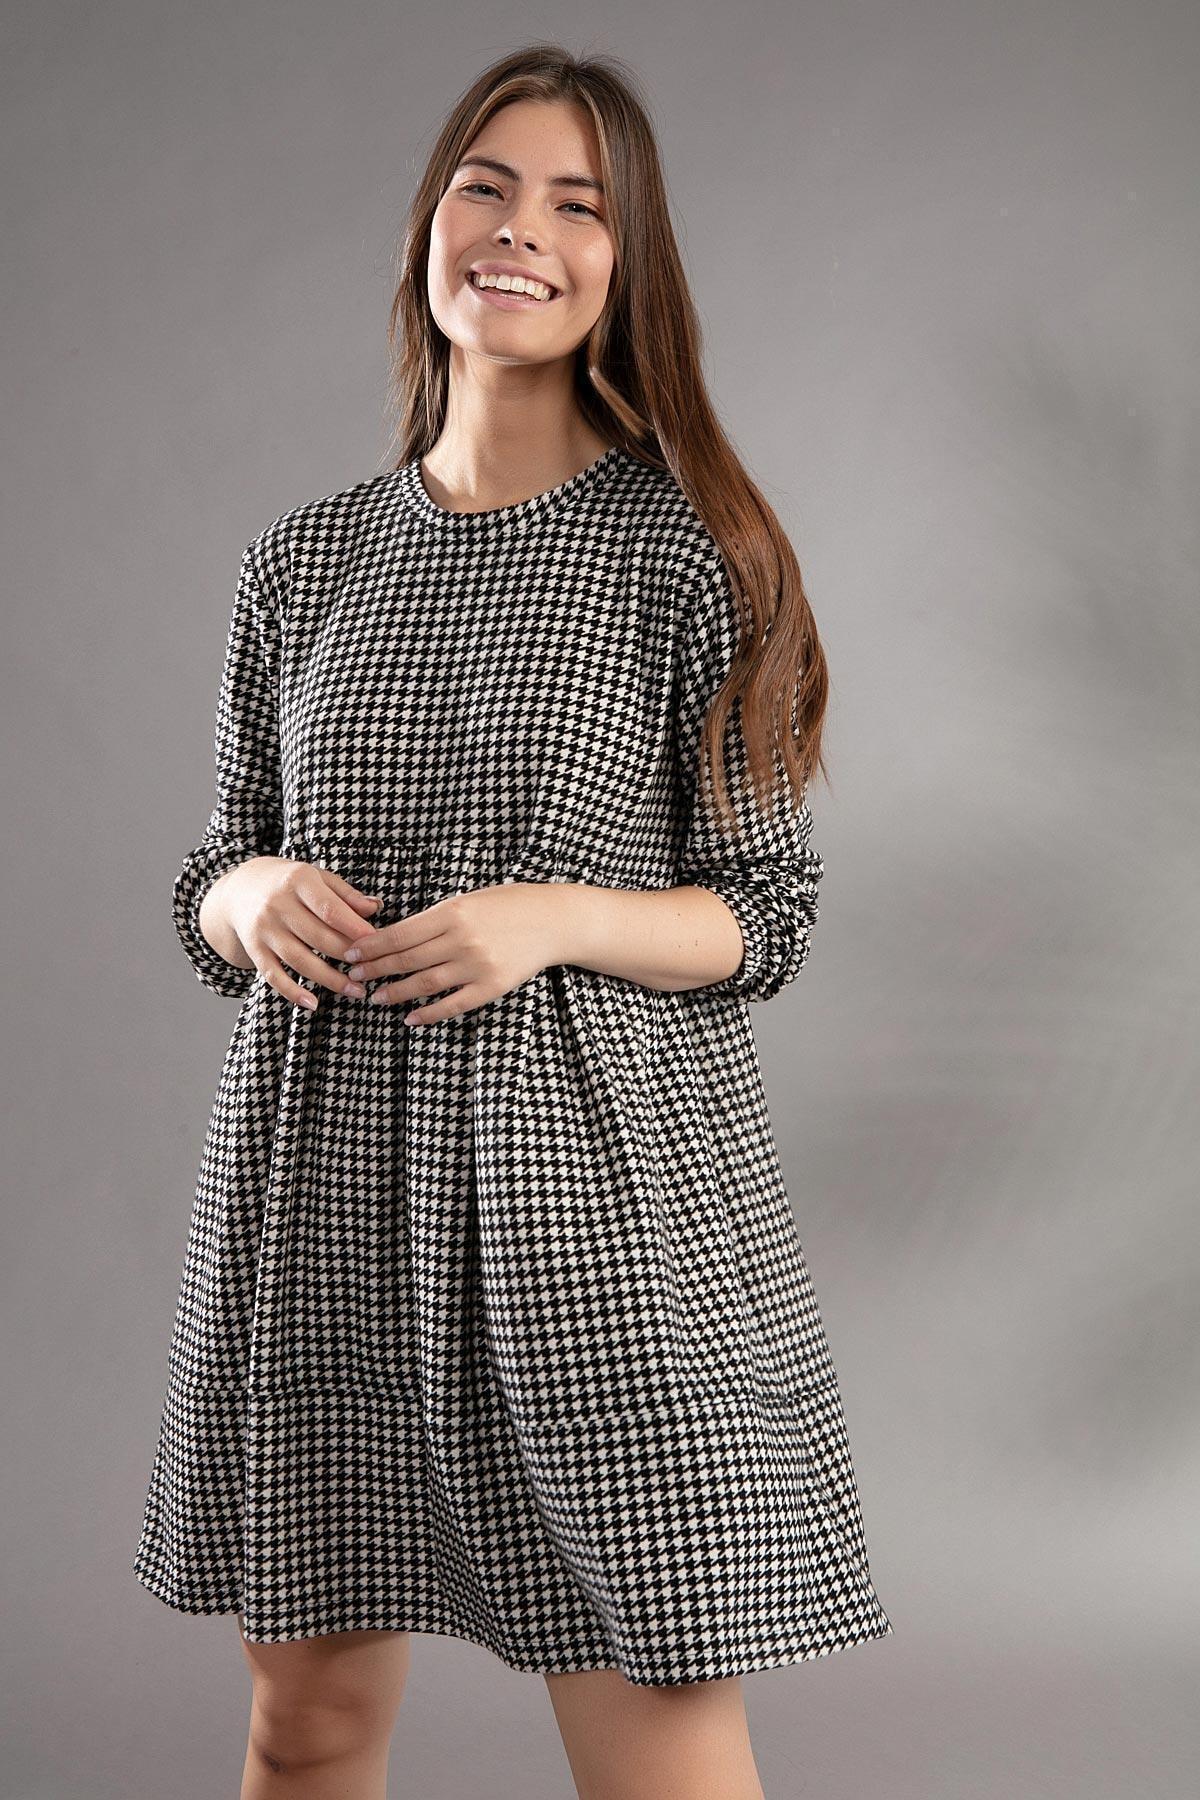 Pattaya Kadın Kazayağı Desenli Günlük Elbise Y20w110-2113 1